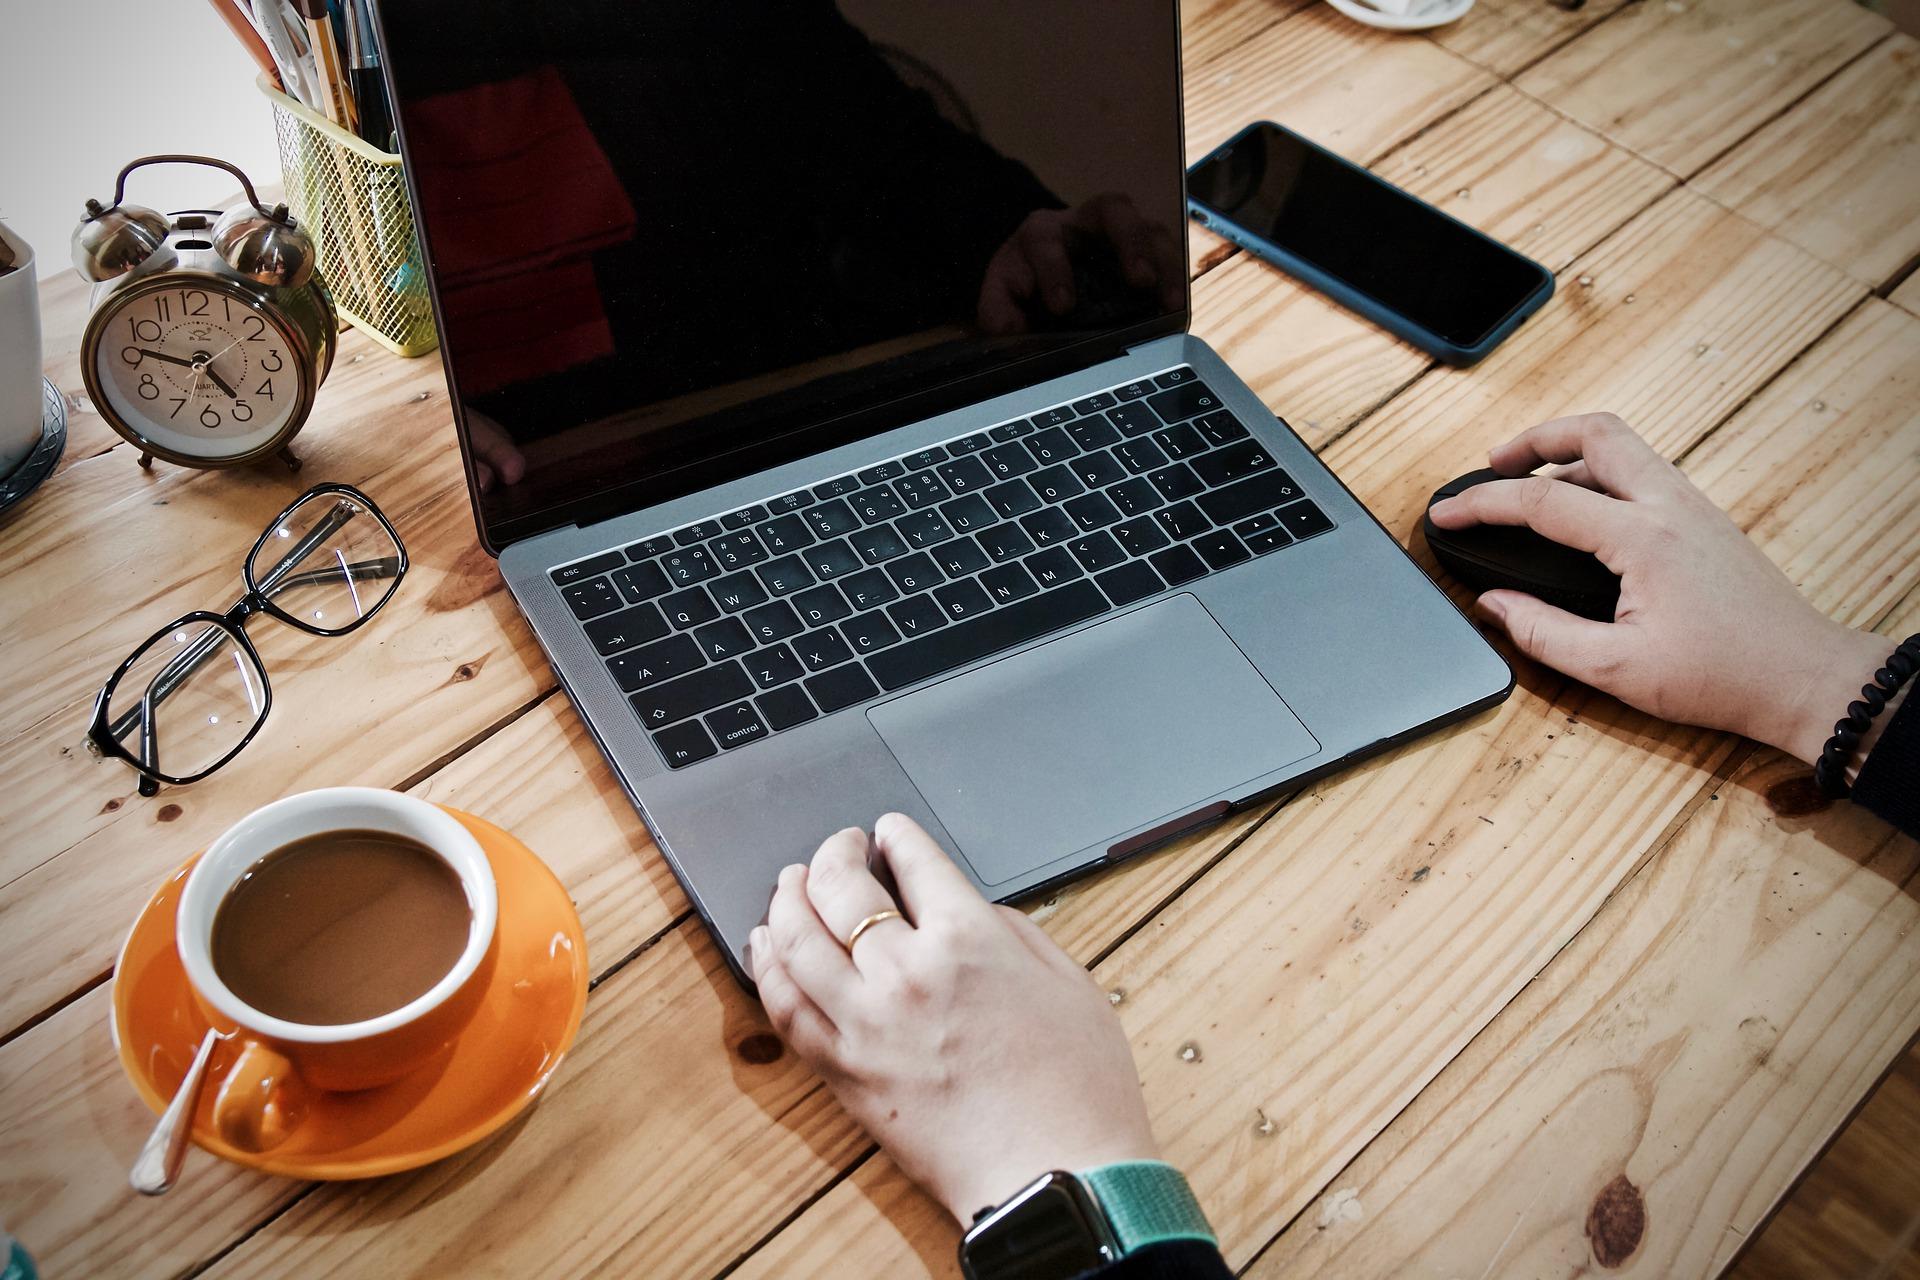 Come intraprendere una carriera freelance grazie alle professioni digitali da remoto